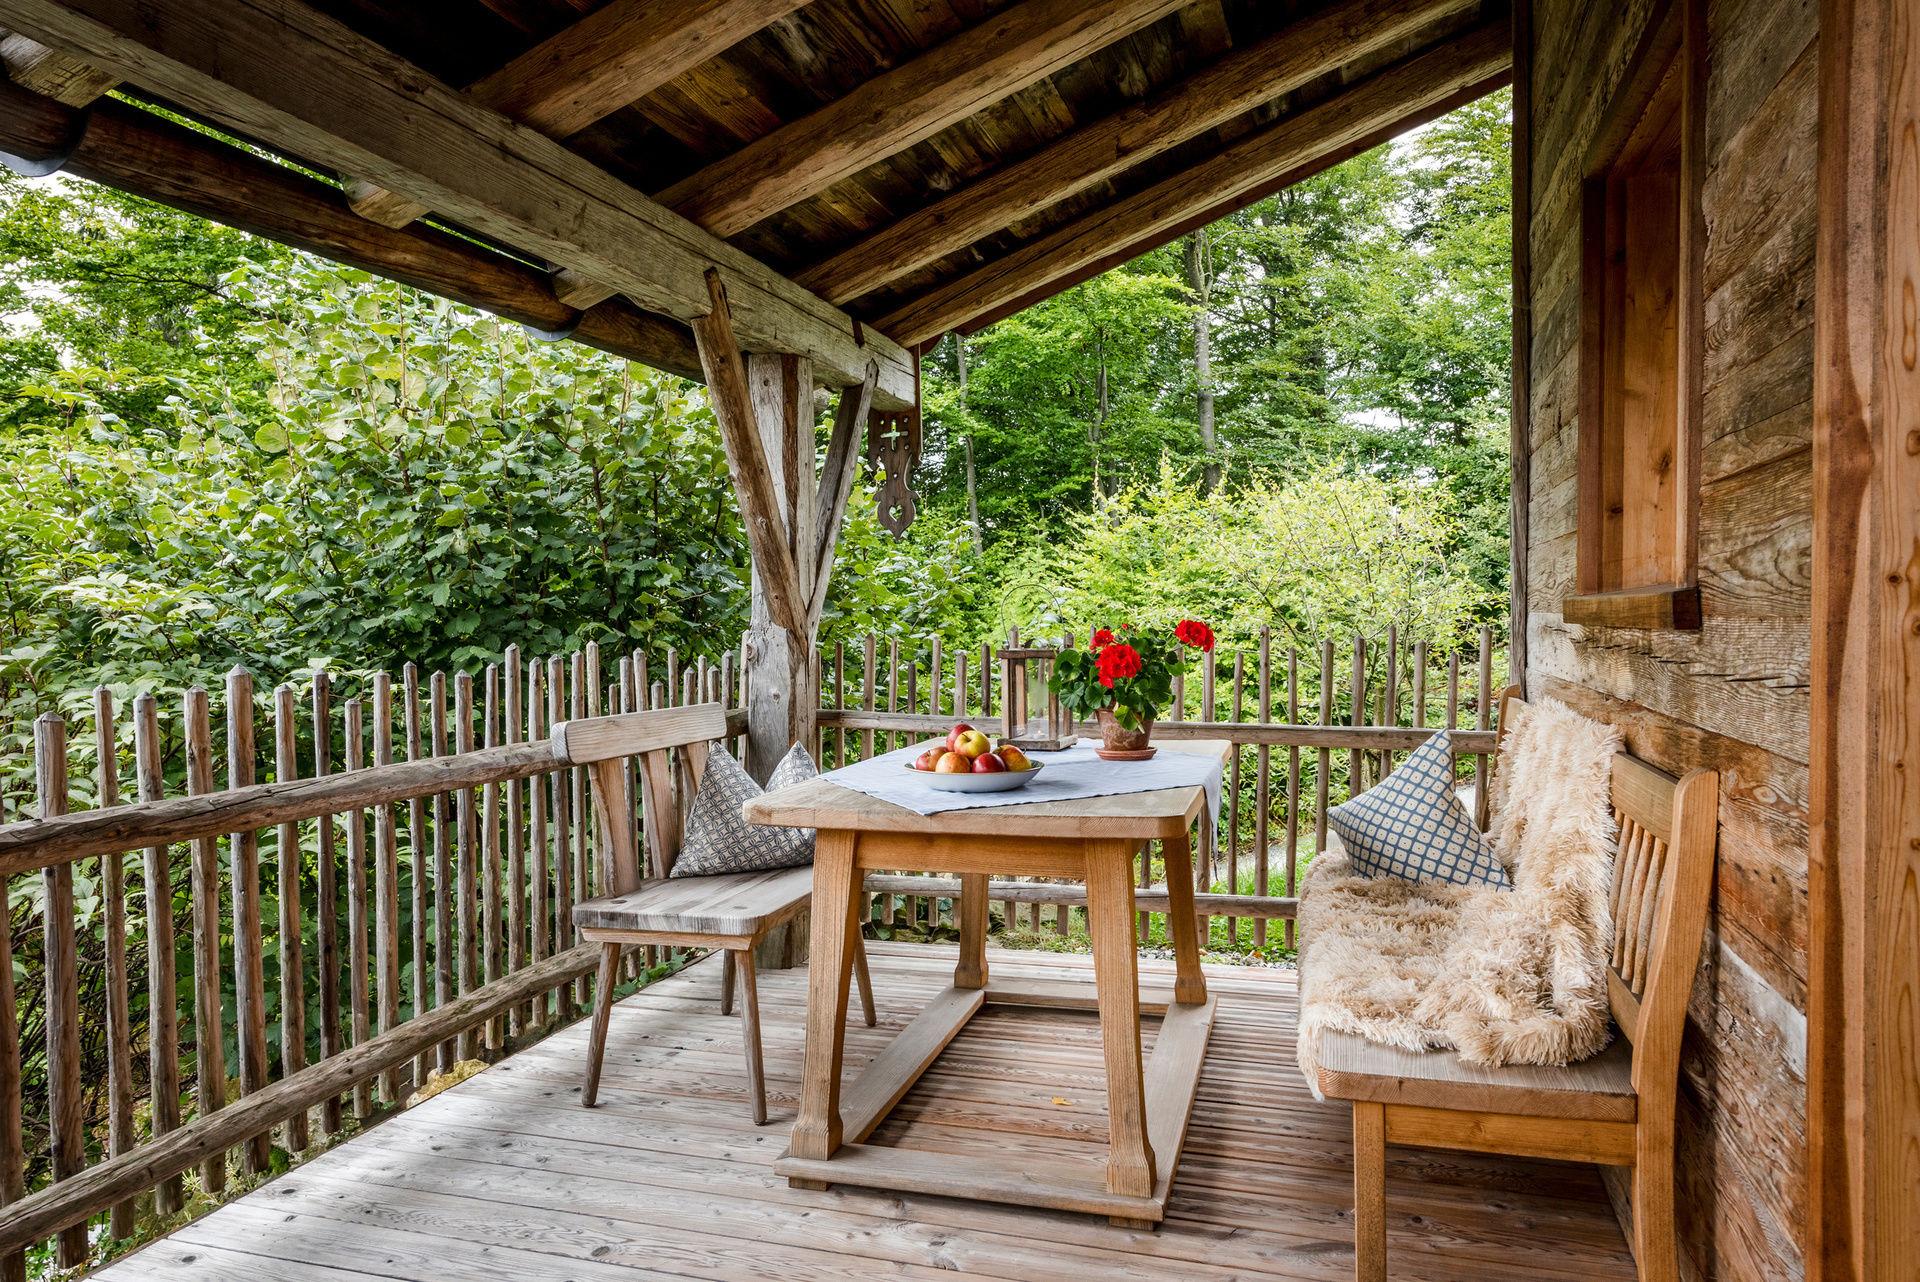 bildergalerie luxus chalet h ttenhof bergdorf bayerischer wald chalet bayern. Black Bedroom Furniture Sets. Home Design Ideas